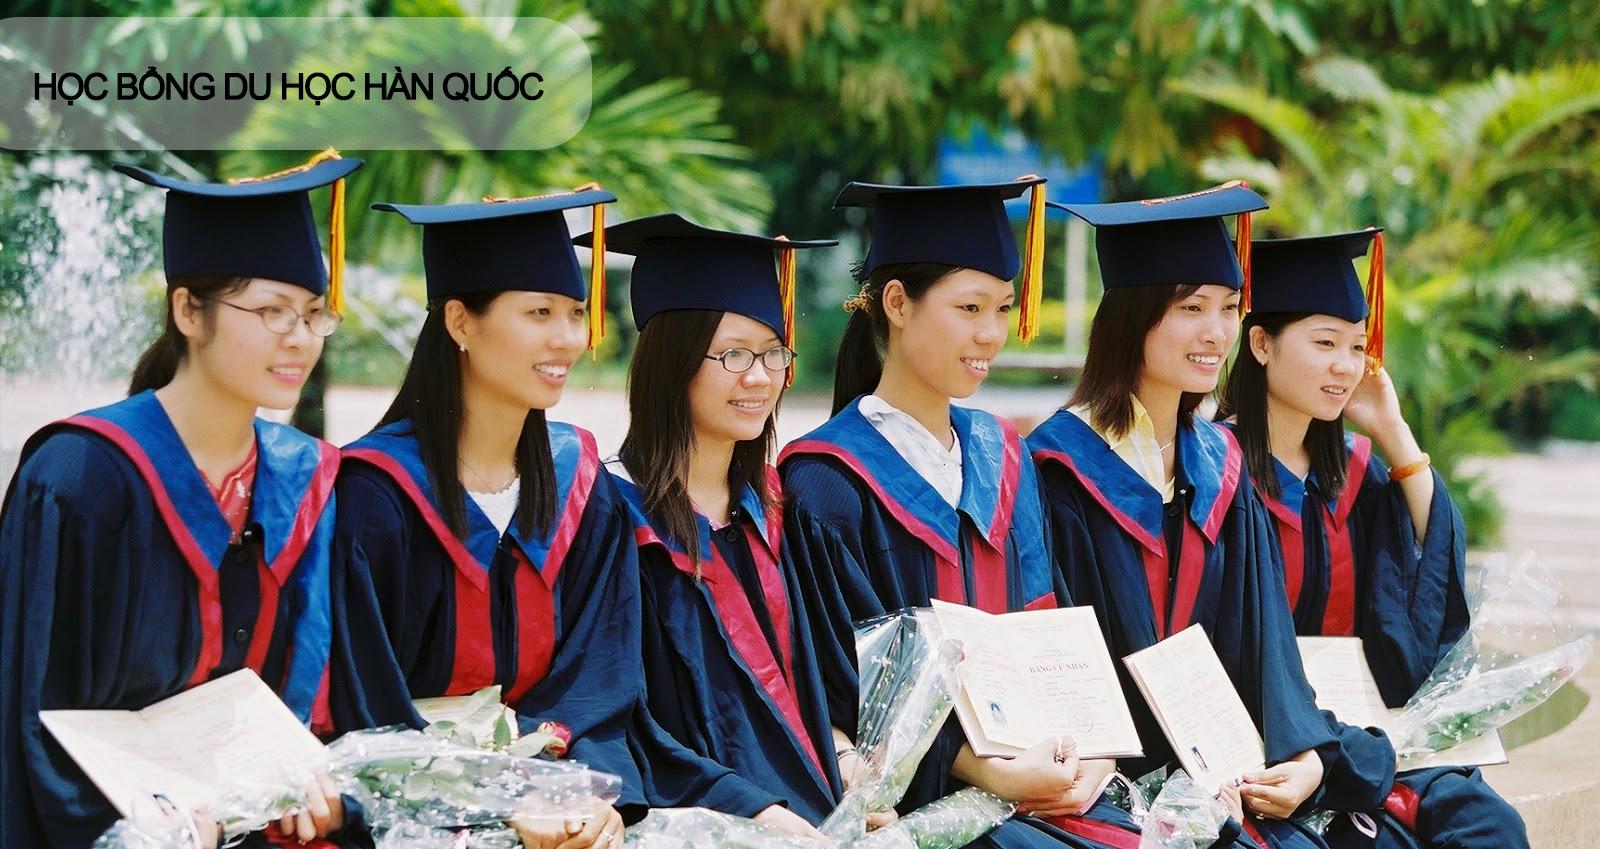 Học bổng các trường đại học Hàn Quốc